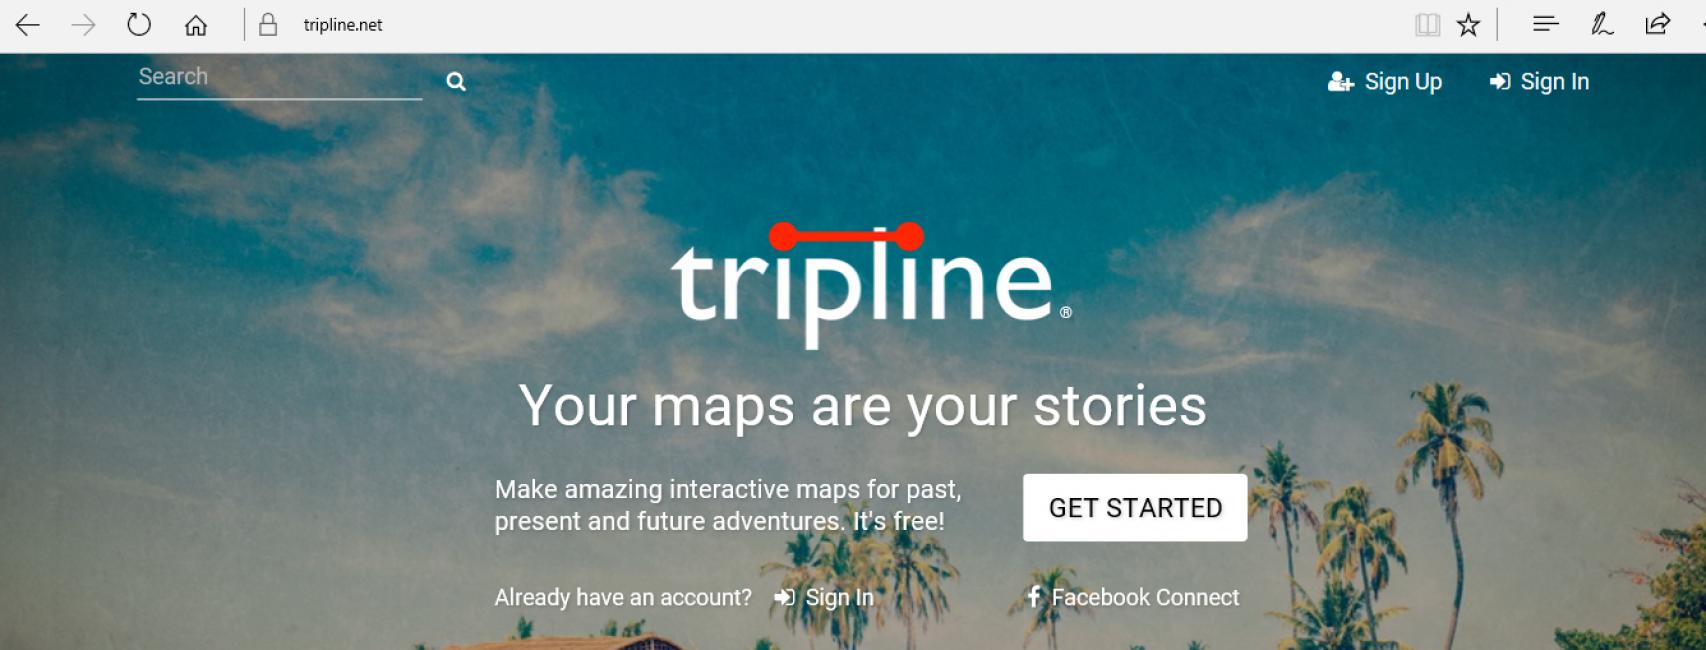 Tripline.net главная страница сайта